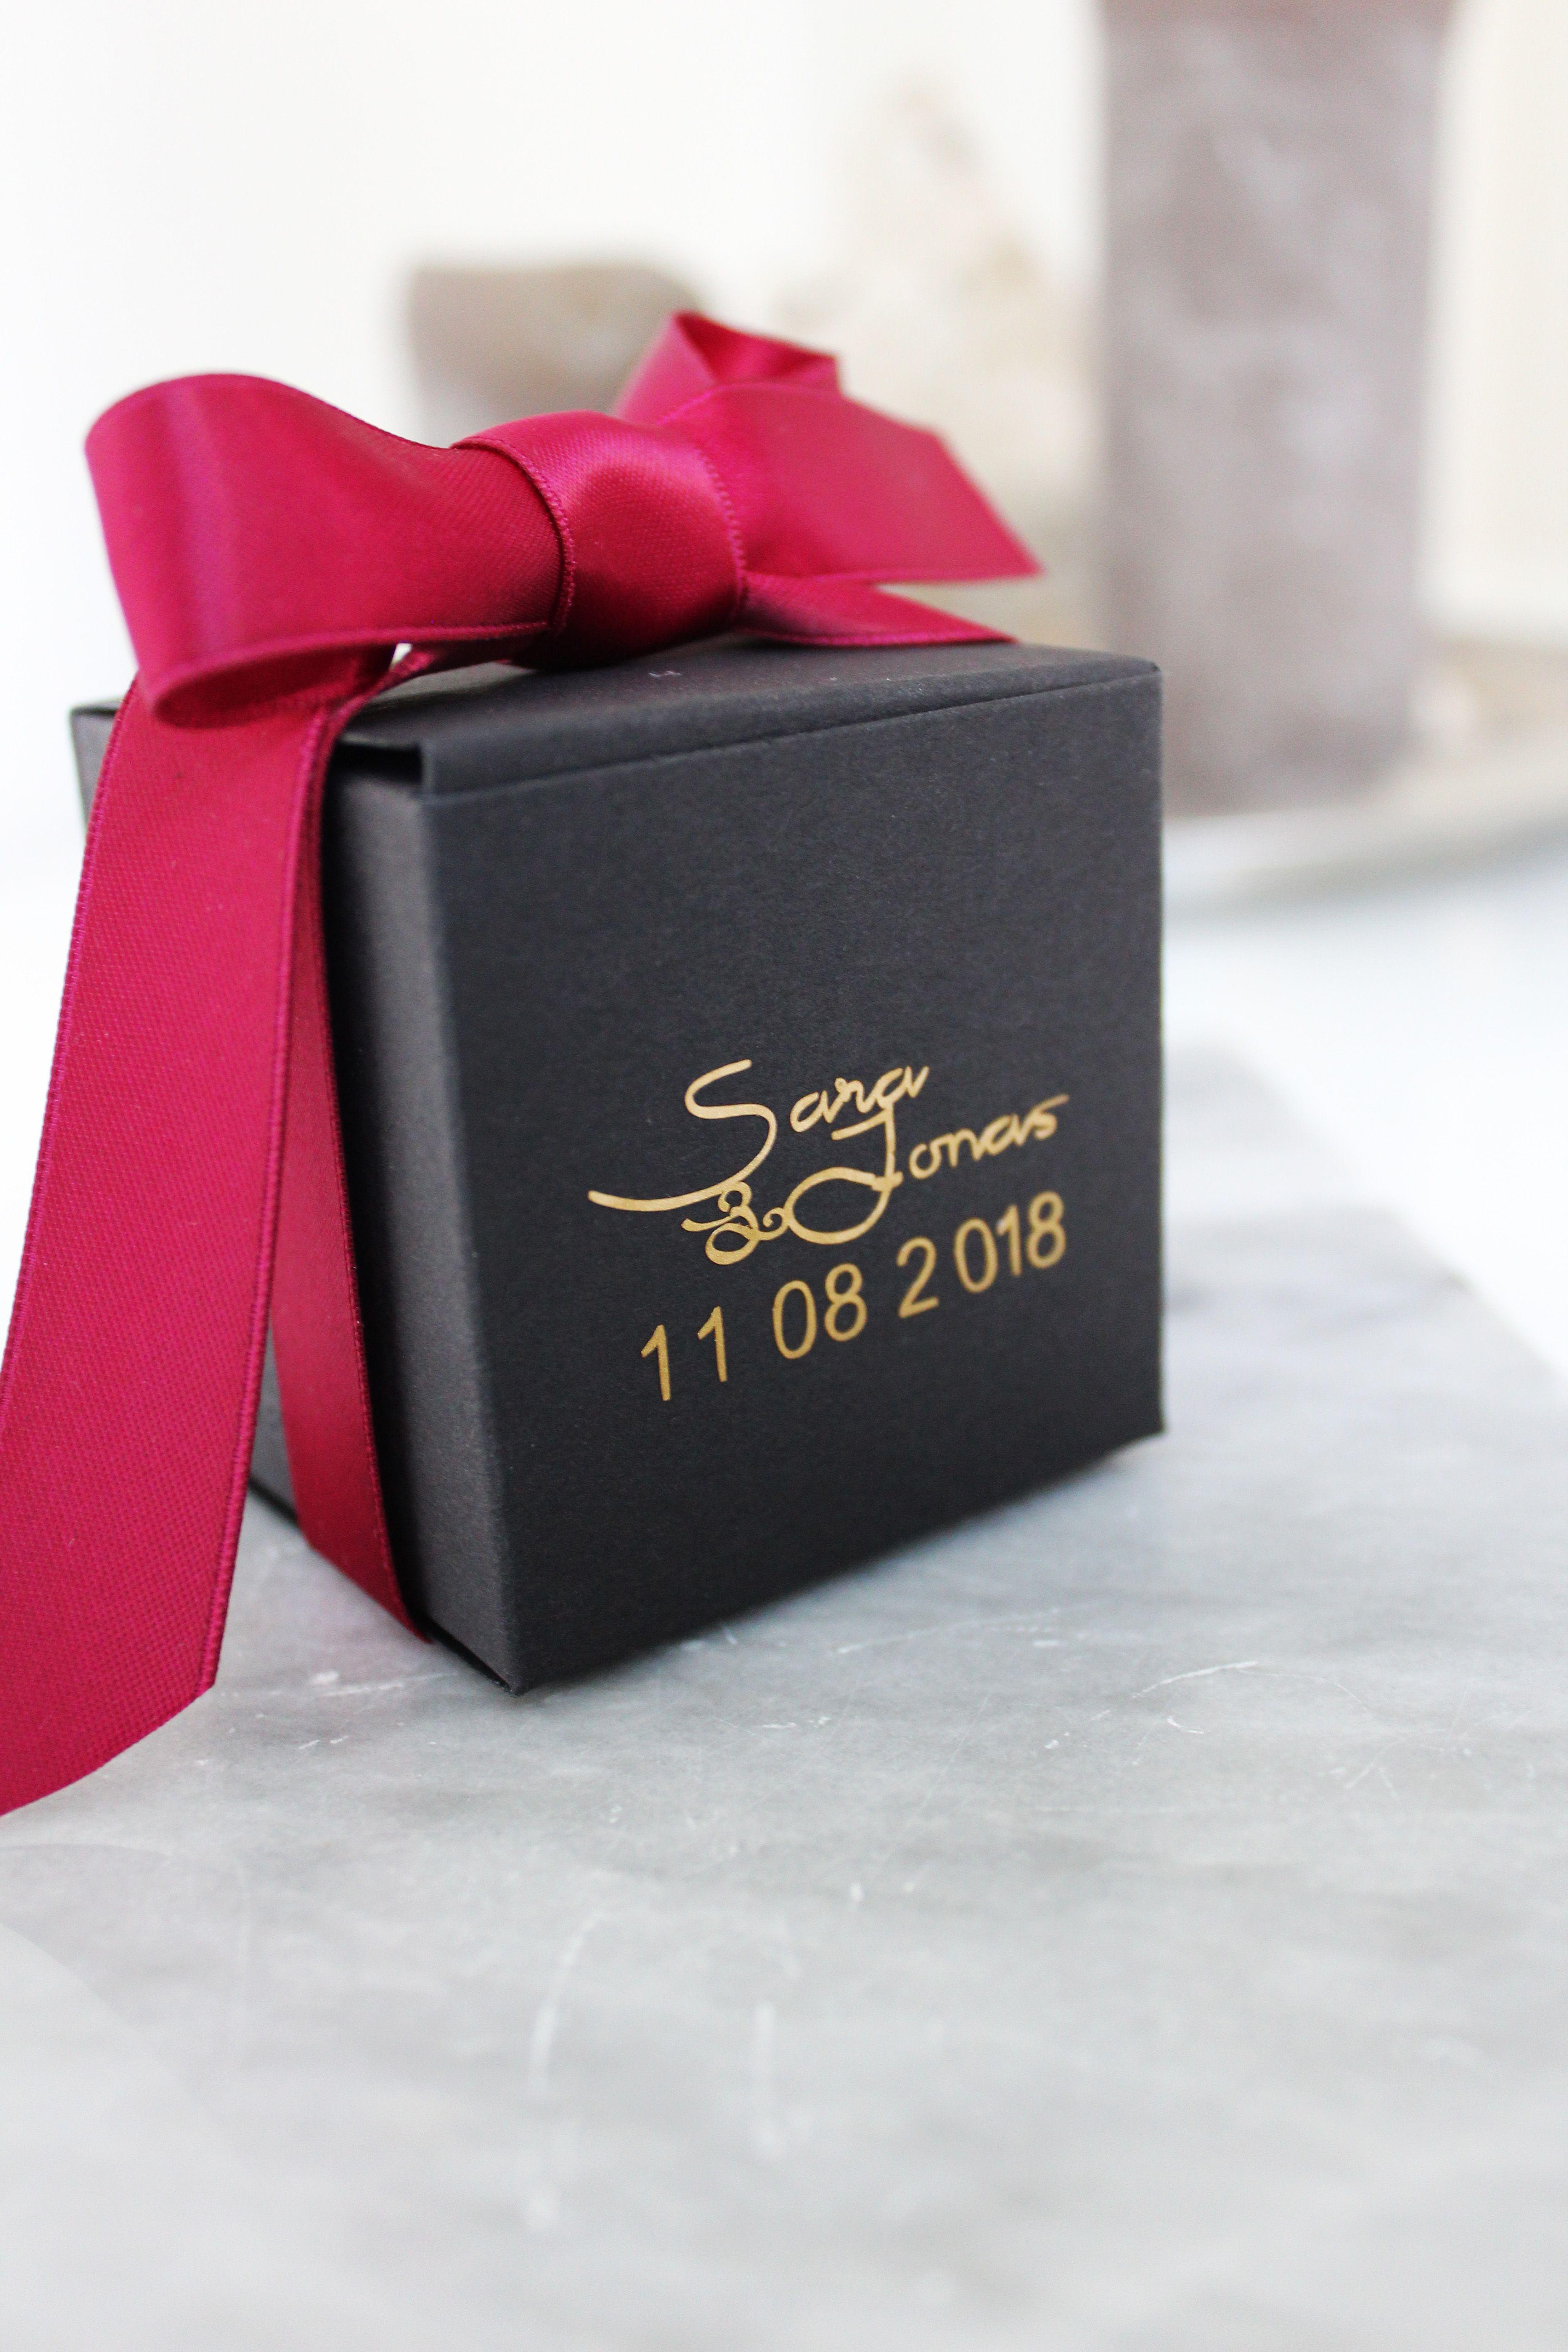 Tolles Gastgeschenk für eure Hochzeit mit Namen des Brautpaars und